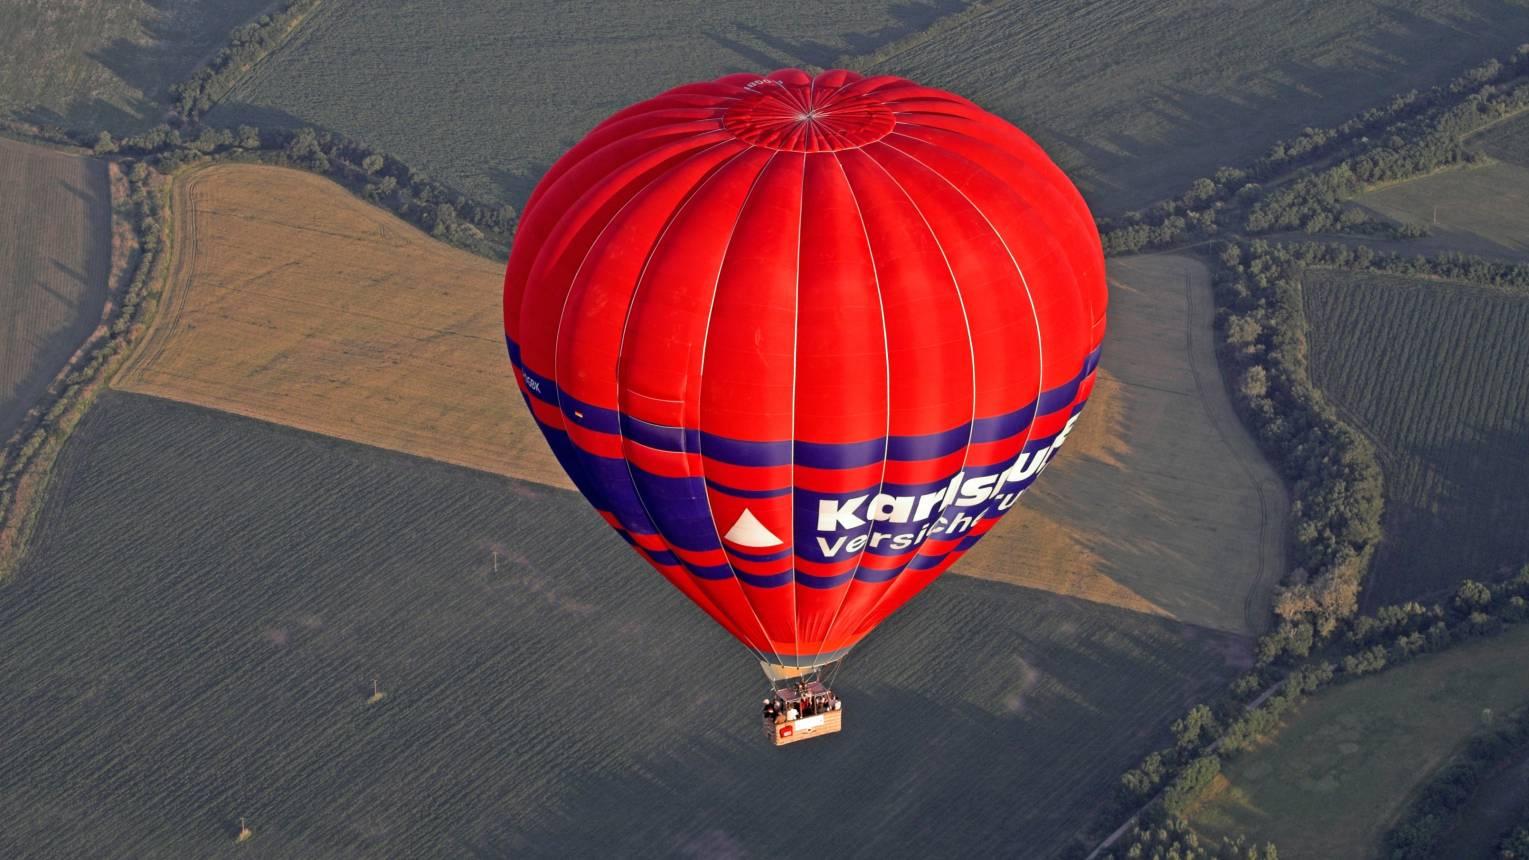 Csoportos Ballonos repülés balatoni panorámával 10 fő részére